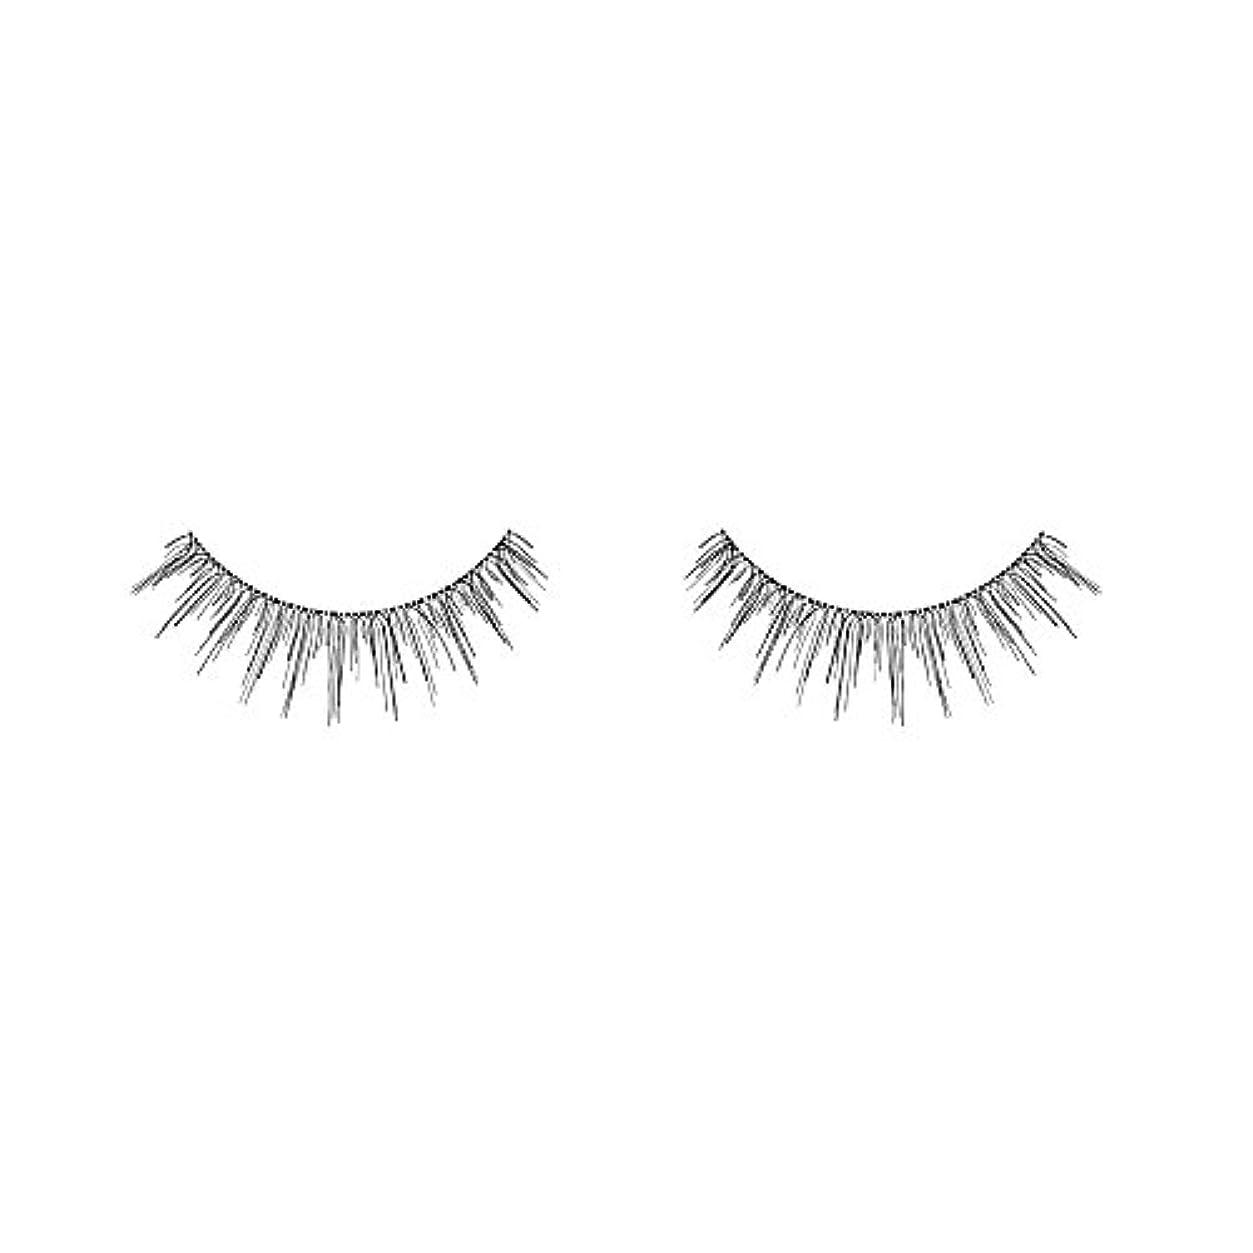 Ardell Natural Strip Lashes - Fairies Black - 1 Pair